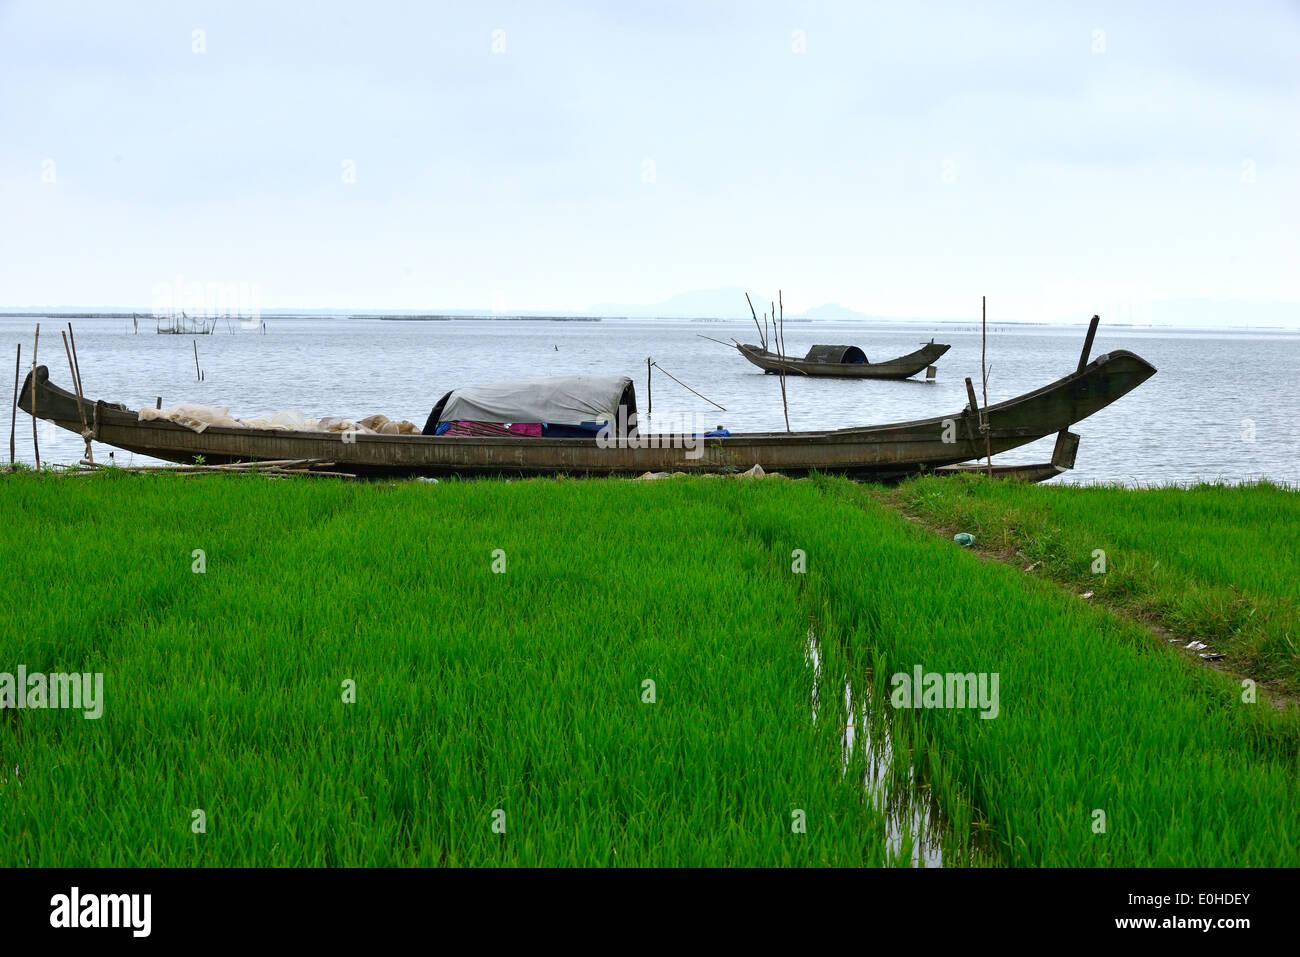 Fishing sampans on the shore of the North China Sea inbetween Hue and Da Nang,North Vietnam - Stock Image